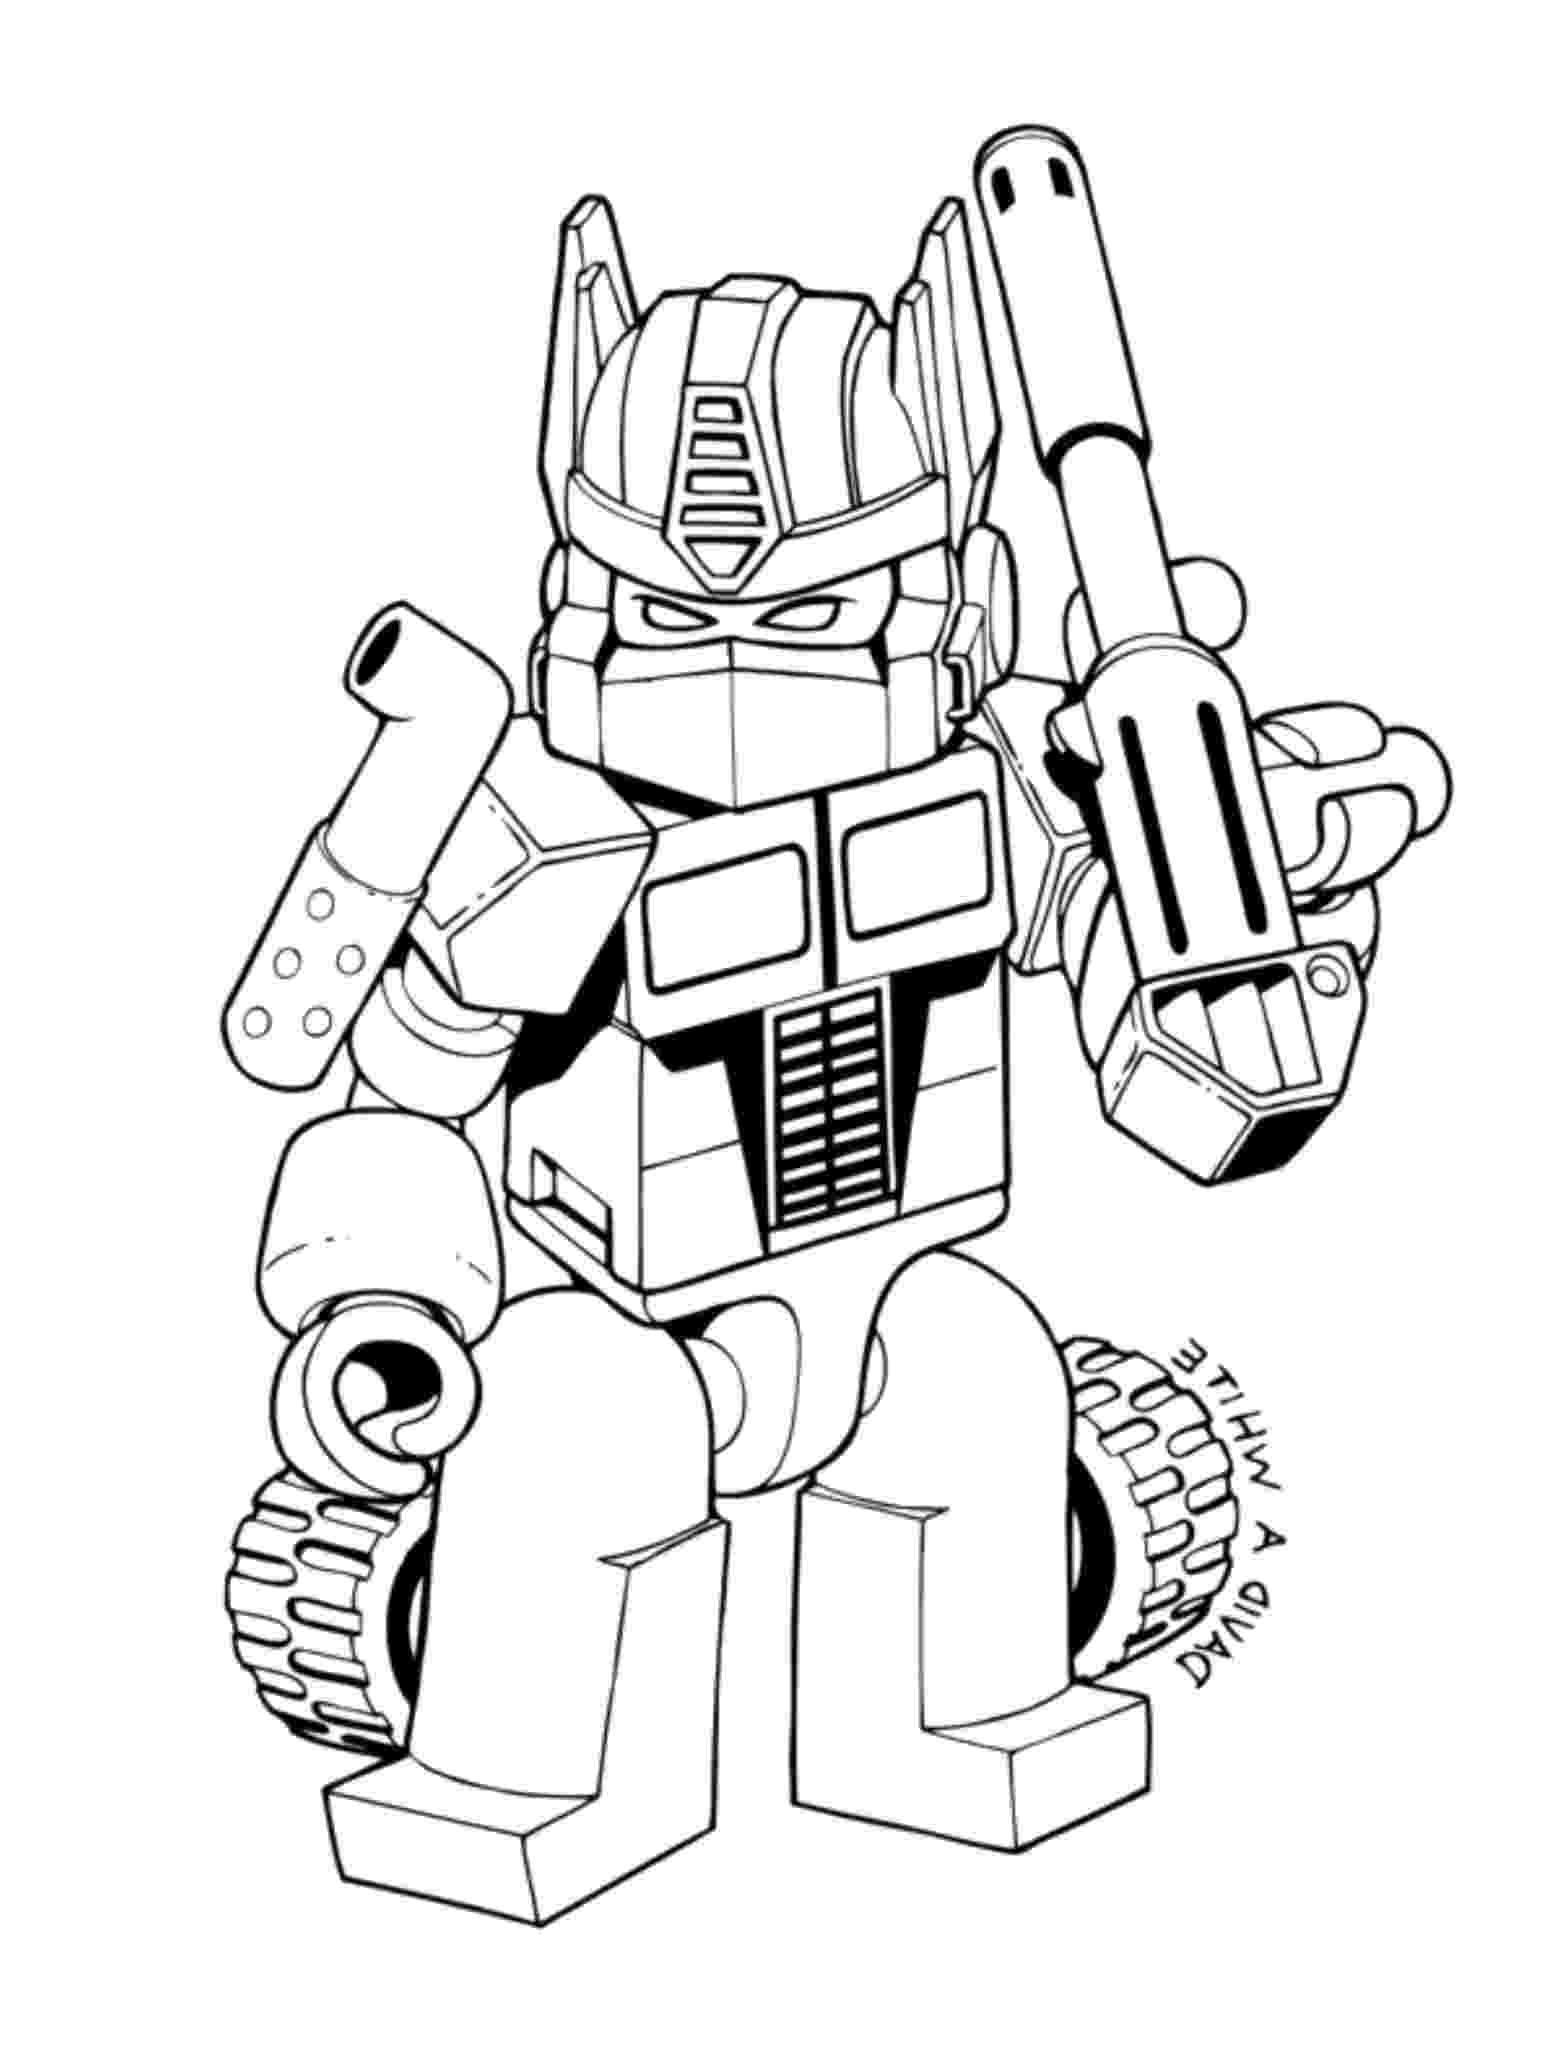 transformers coloring kids n funcom 33 coloring pages of transformers transformers coloring